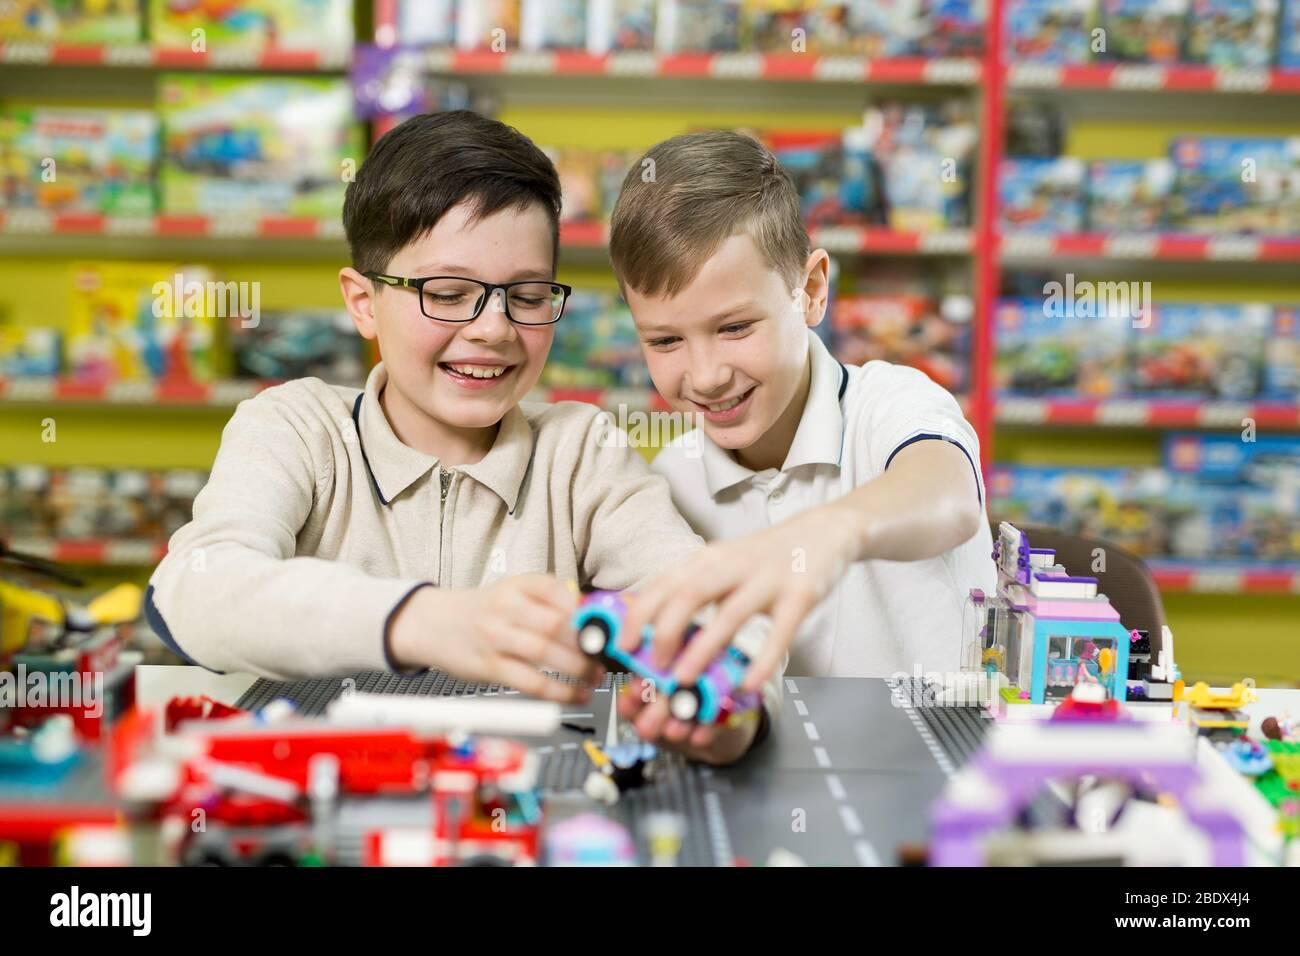 Les enfants jouent dans le concepteur à la table. Deux garçons jouent avec des blocs de plastique de couleur dans le centre de jeu, l'école Banque D'Images